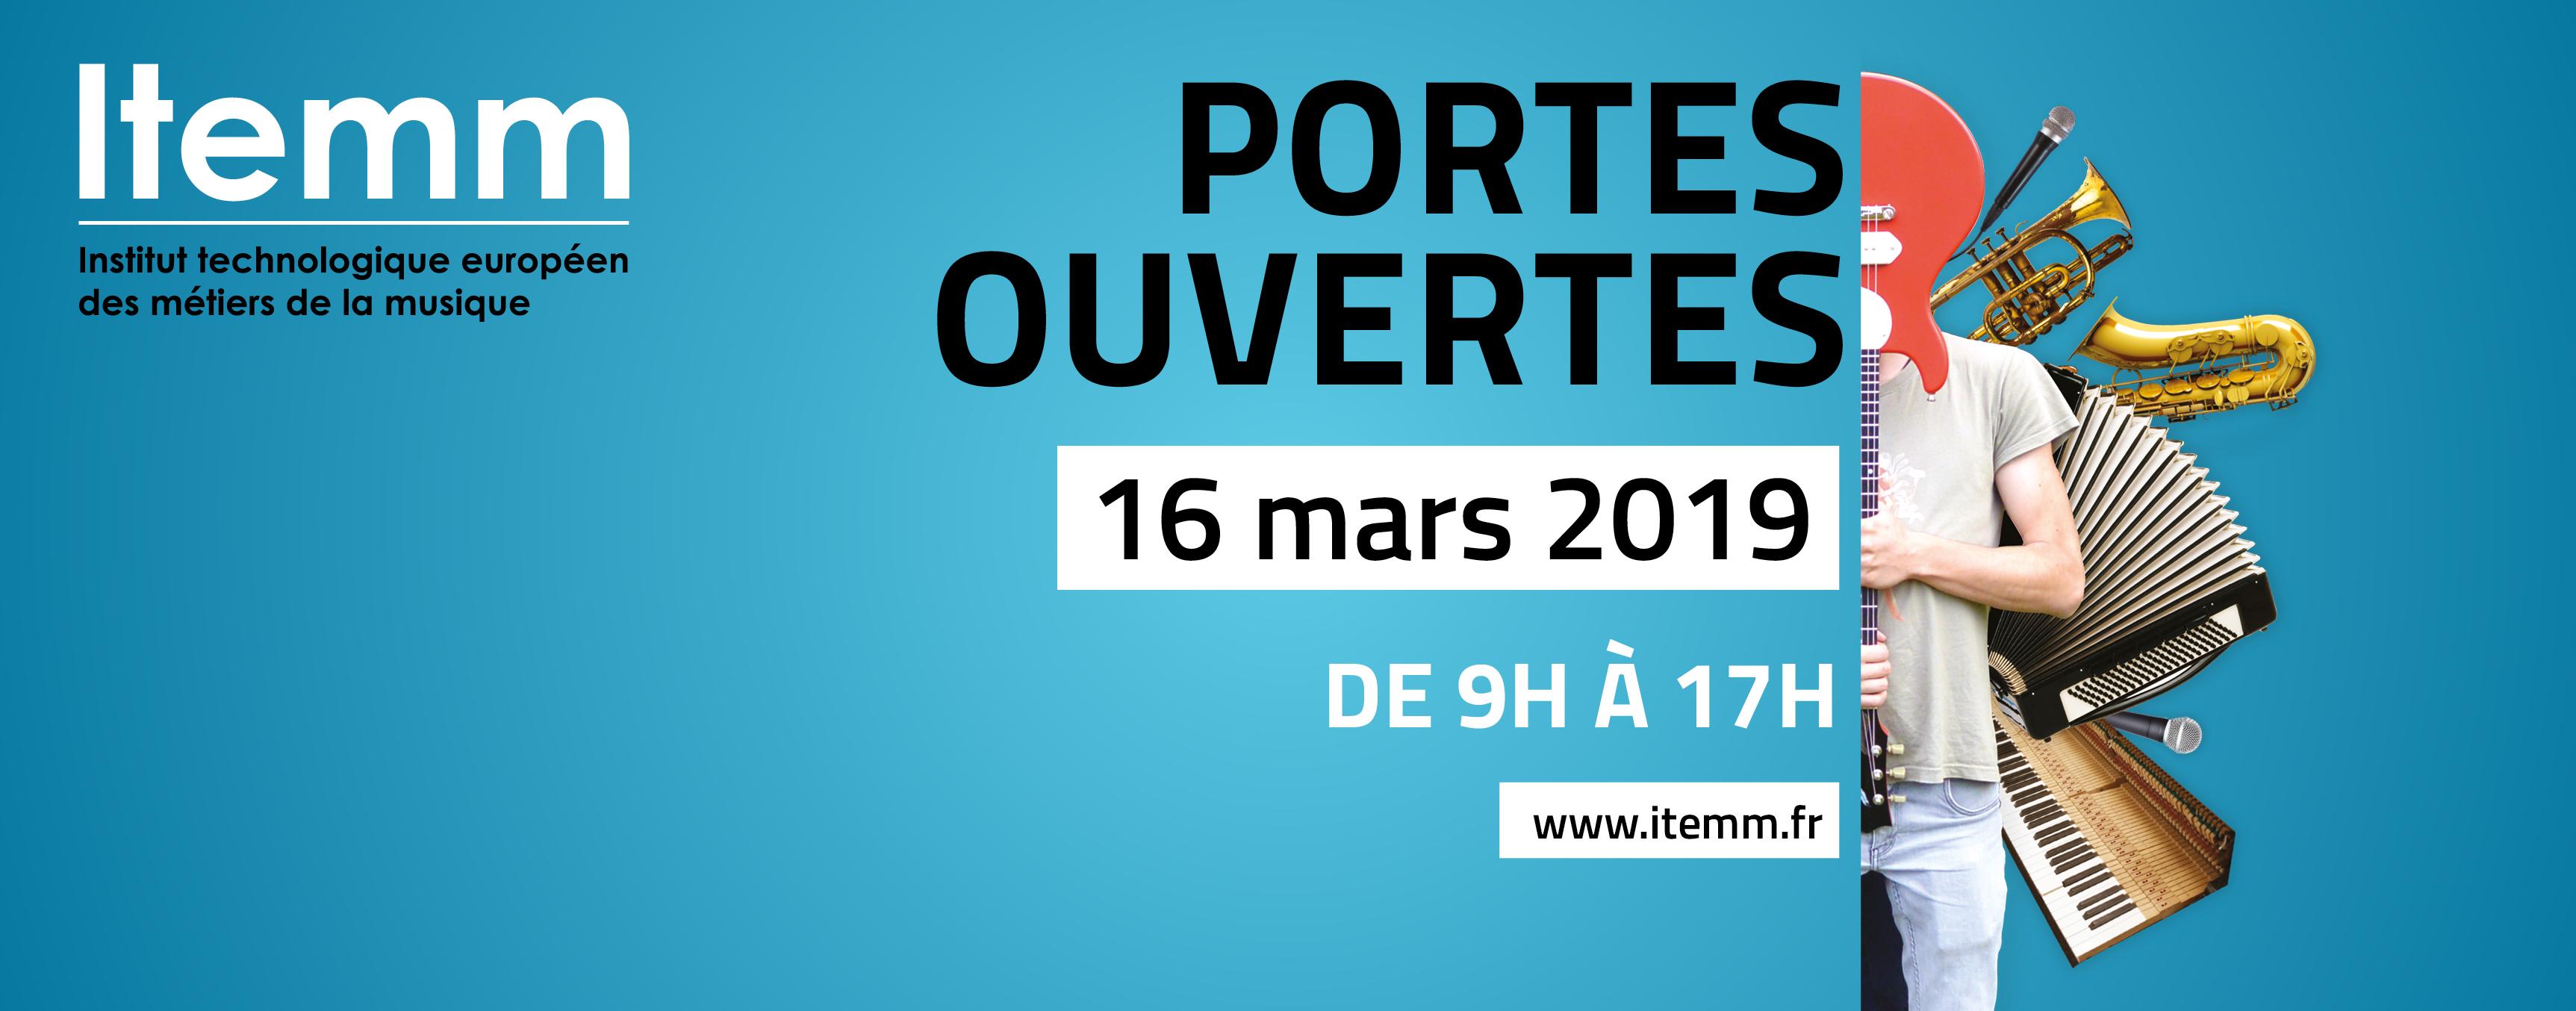 Portes ouvertes de l'ITEMM le 16 mars 2019